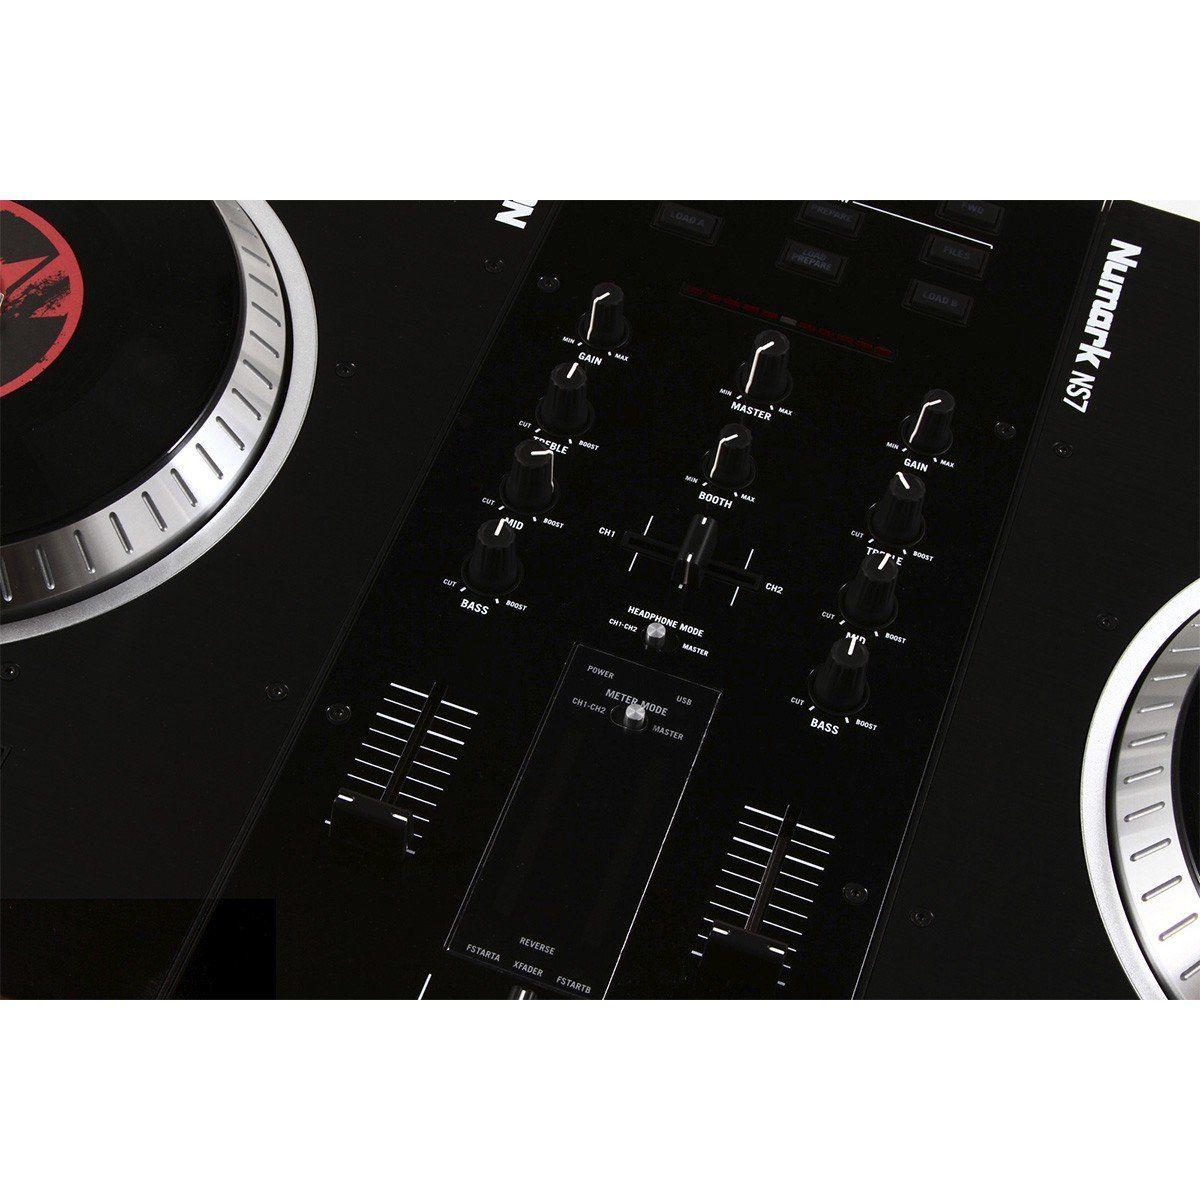 Numark NS-7 FX Controladora DJ NS7 4-Decks 4-Canais USB Serato ITCH